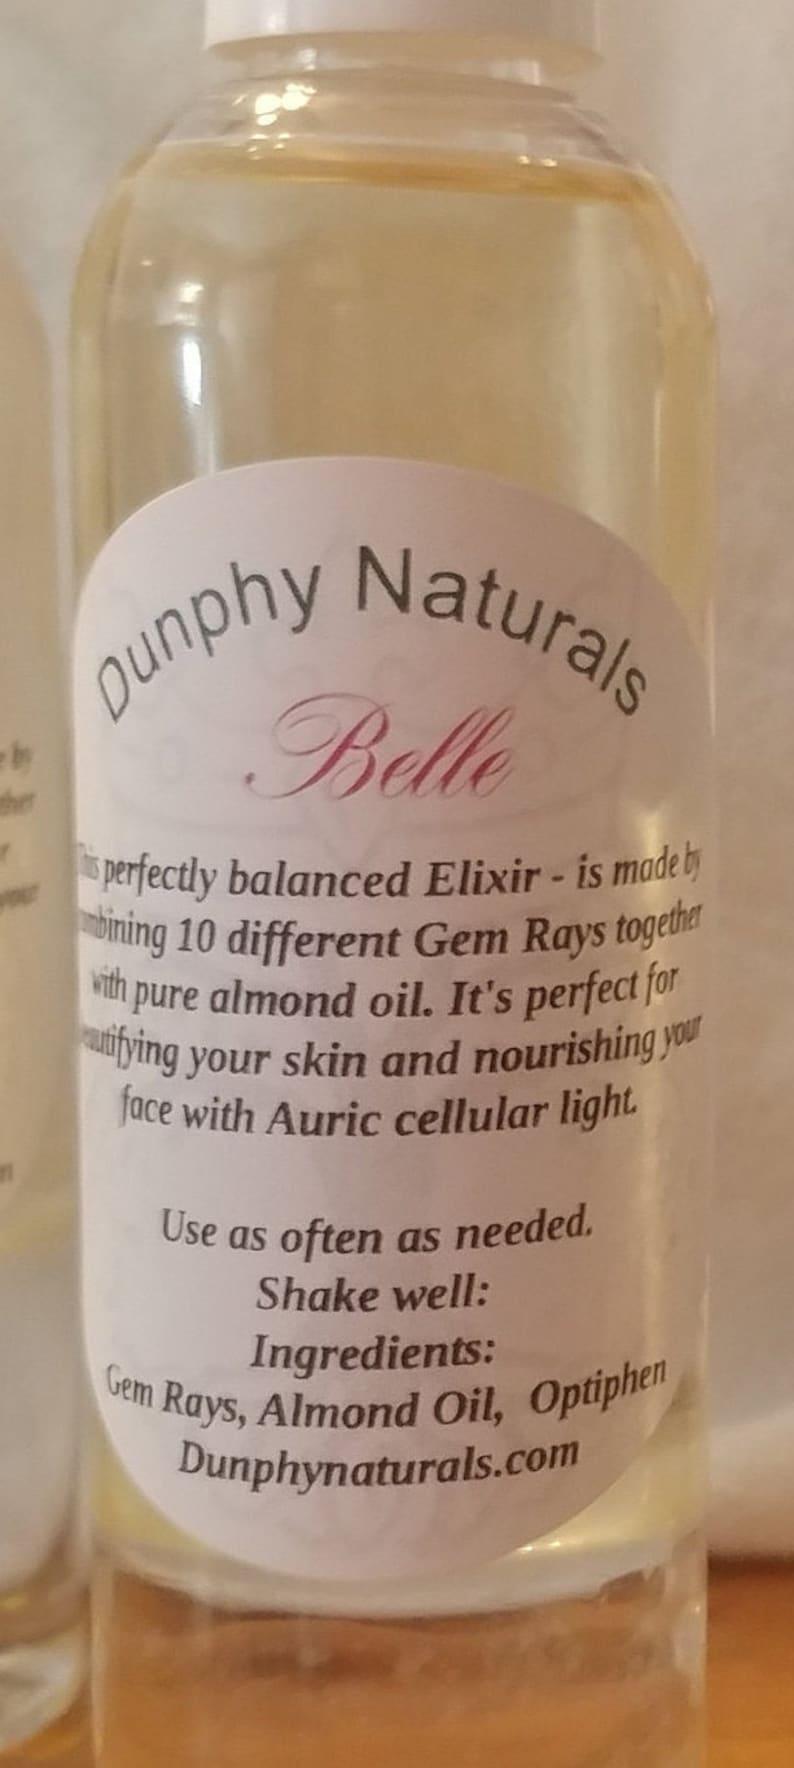 Belle   Natural Elixir for face image 0